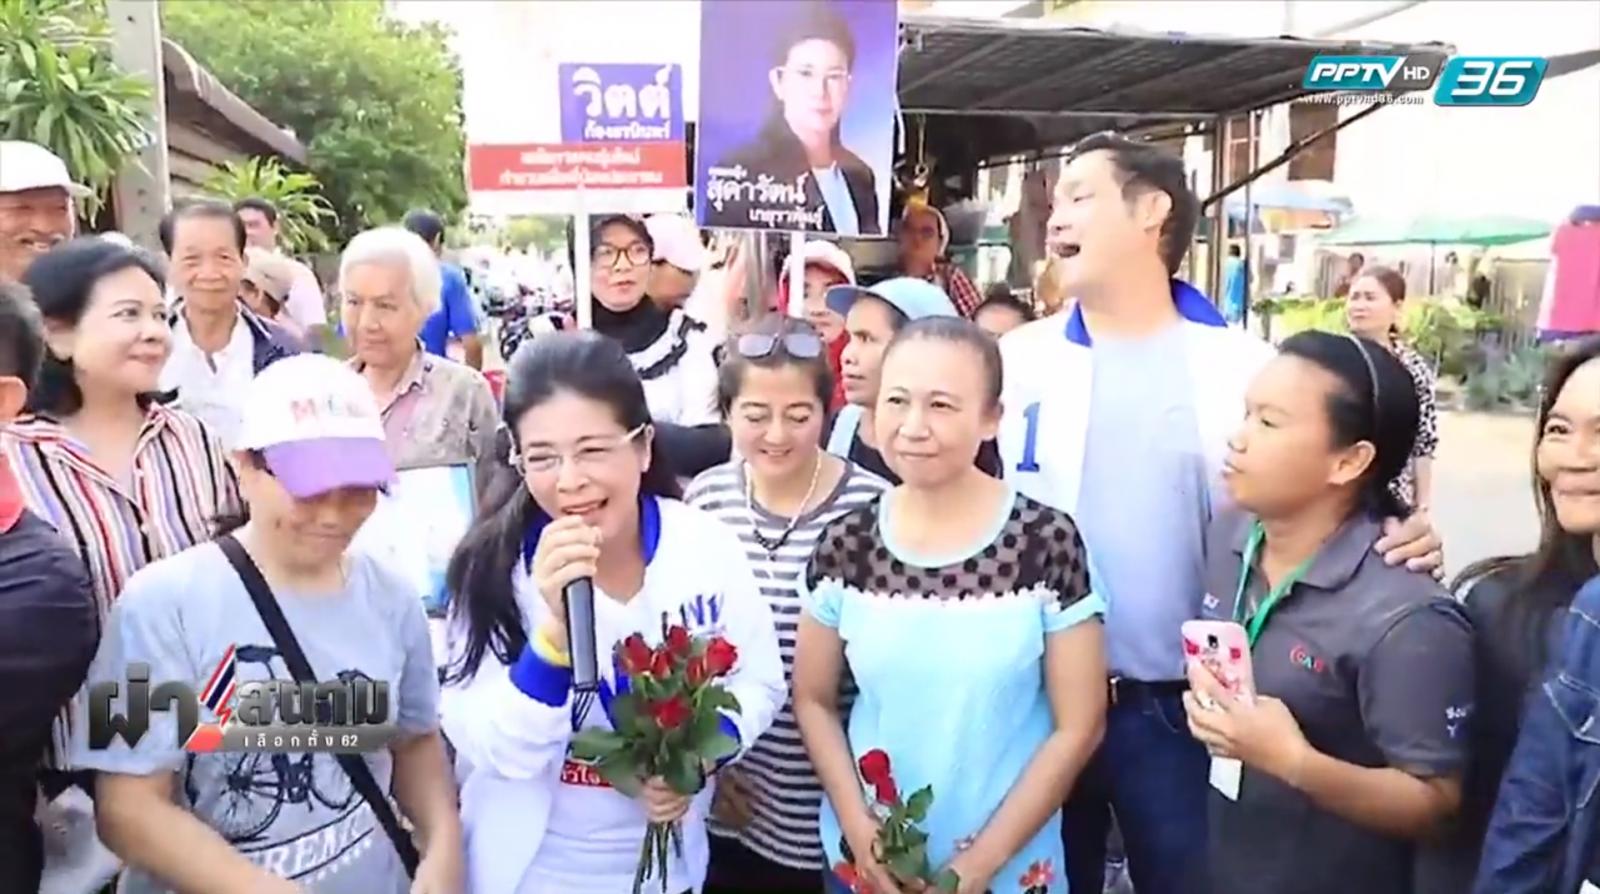 """เพื่อไทย ถล่ม """"อุตตม"""" ทำลายวัฒนธรรมรวมเสียงตั้งรัฐบาล"""